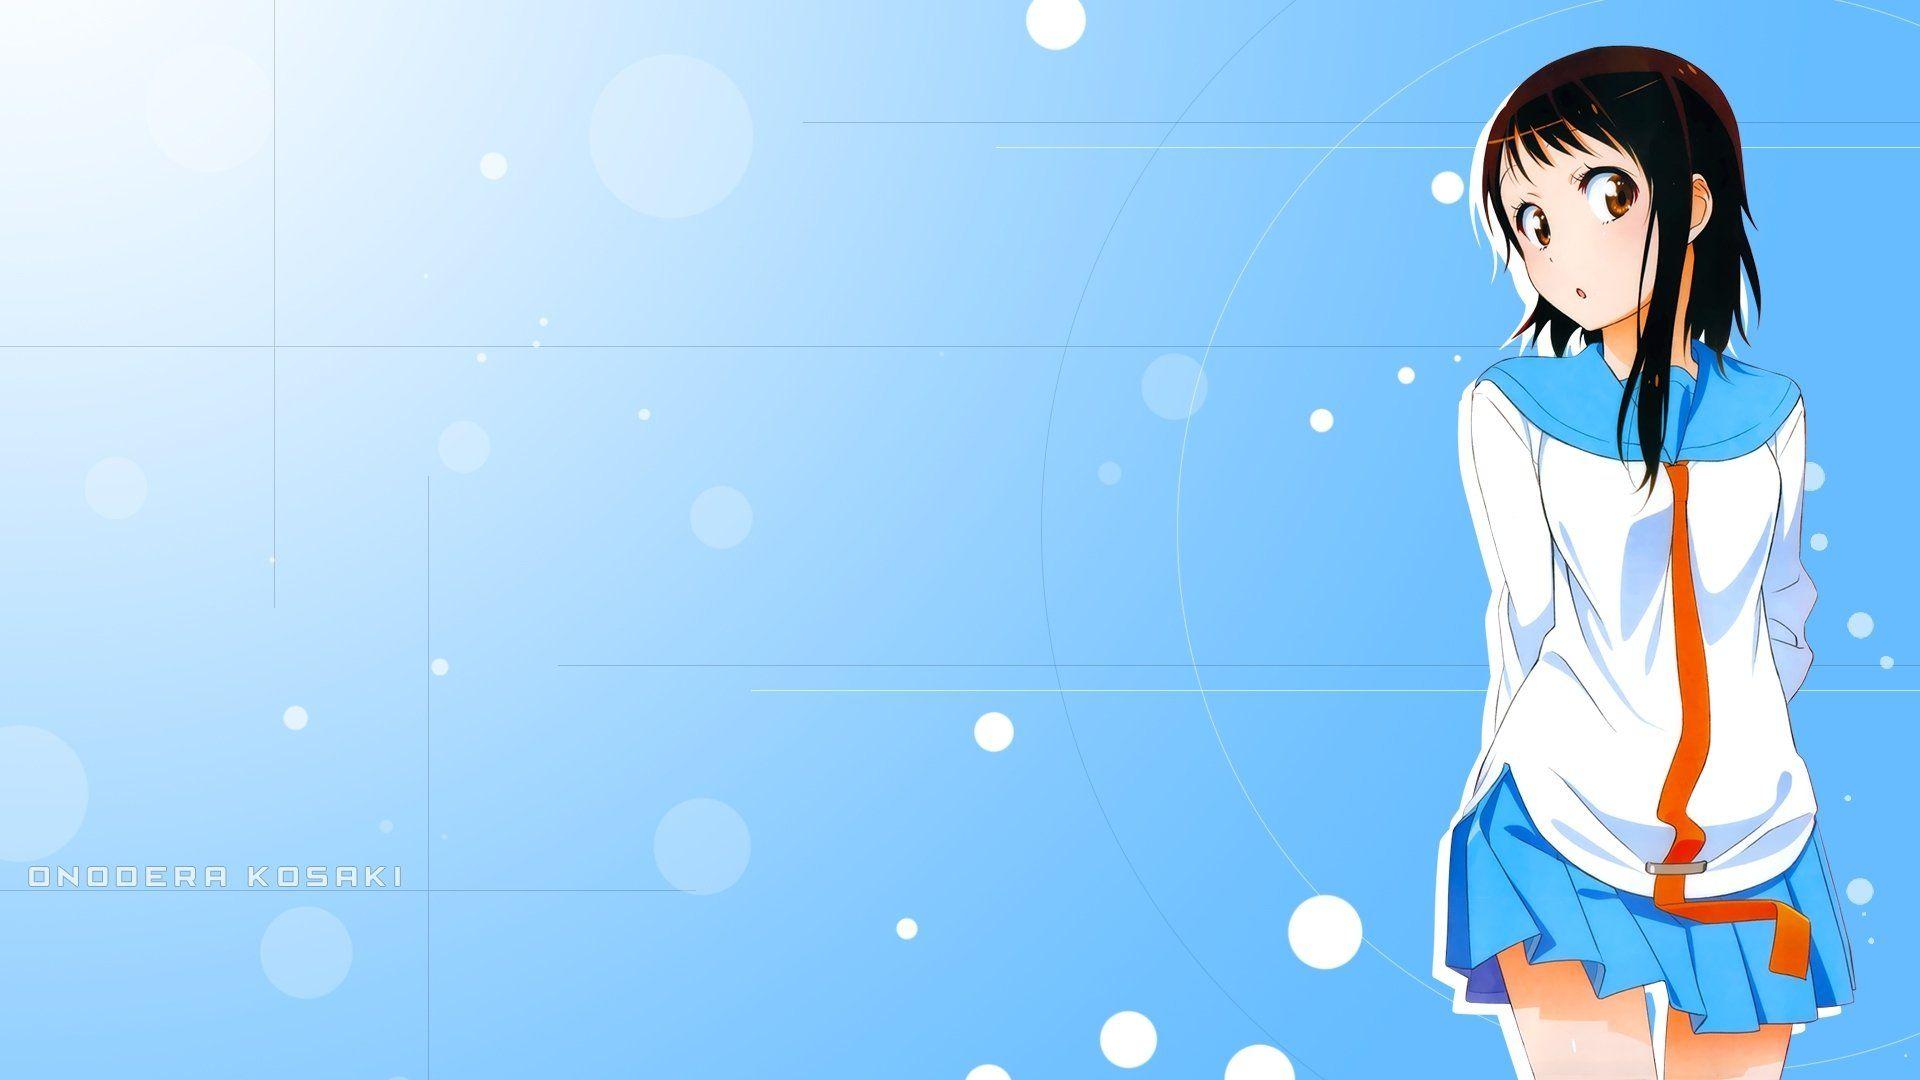 261 Kosaki Onodera HD Wallpapers Backgrounds 1920x1080